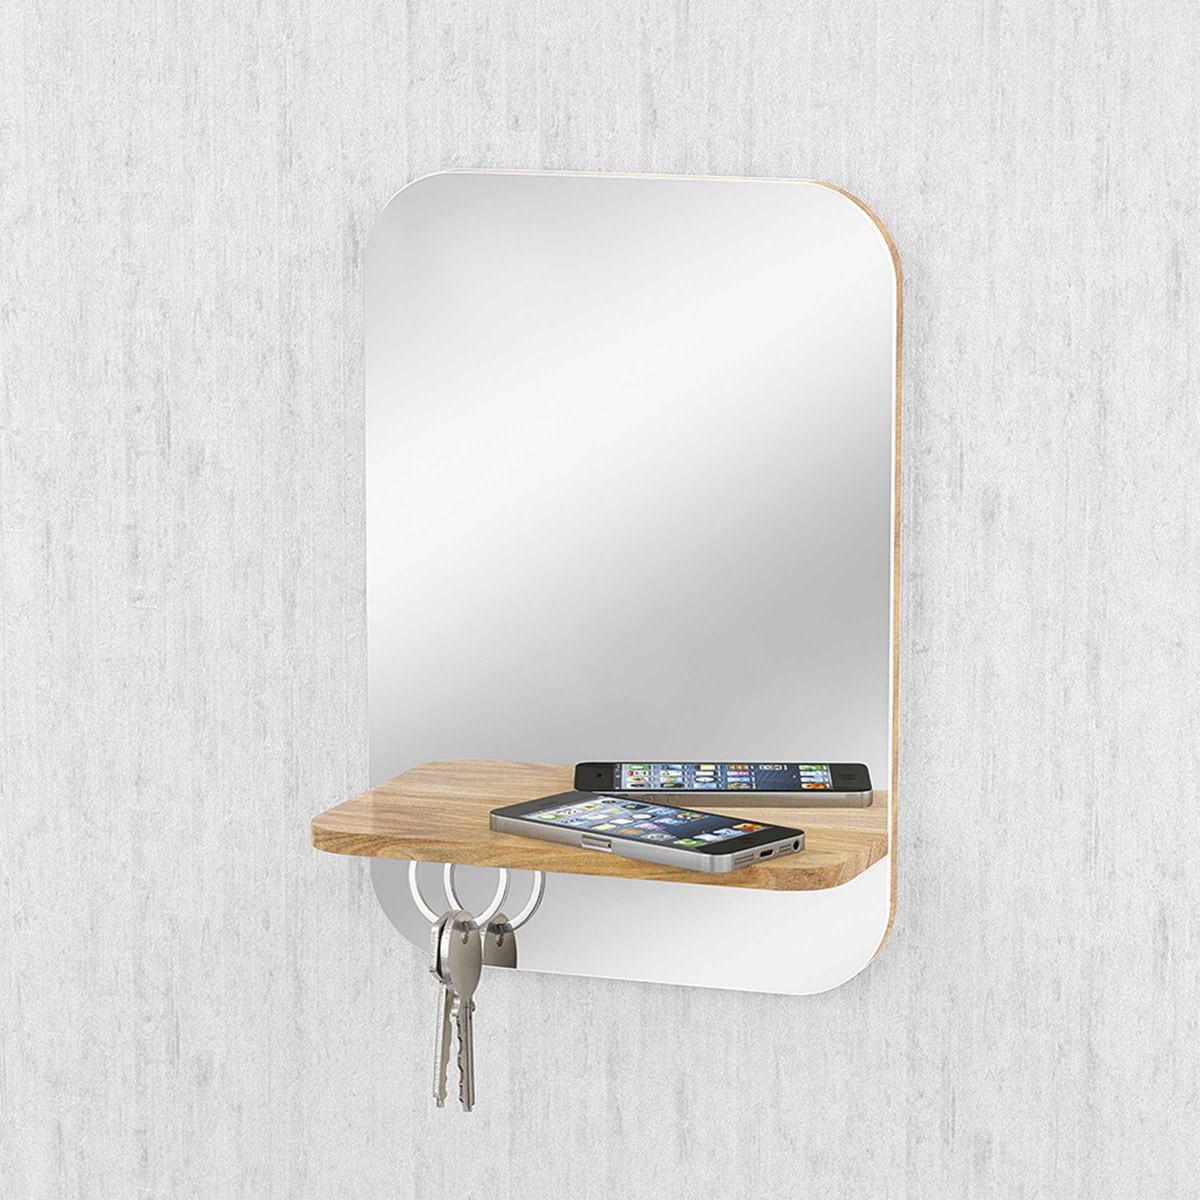 Miroir d 39 entr e avec tag re et aimants cl s - Miroir d entree ...